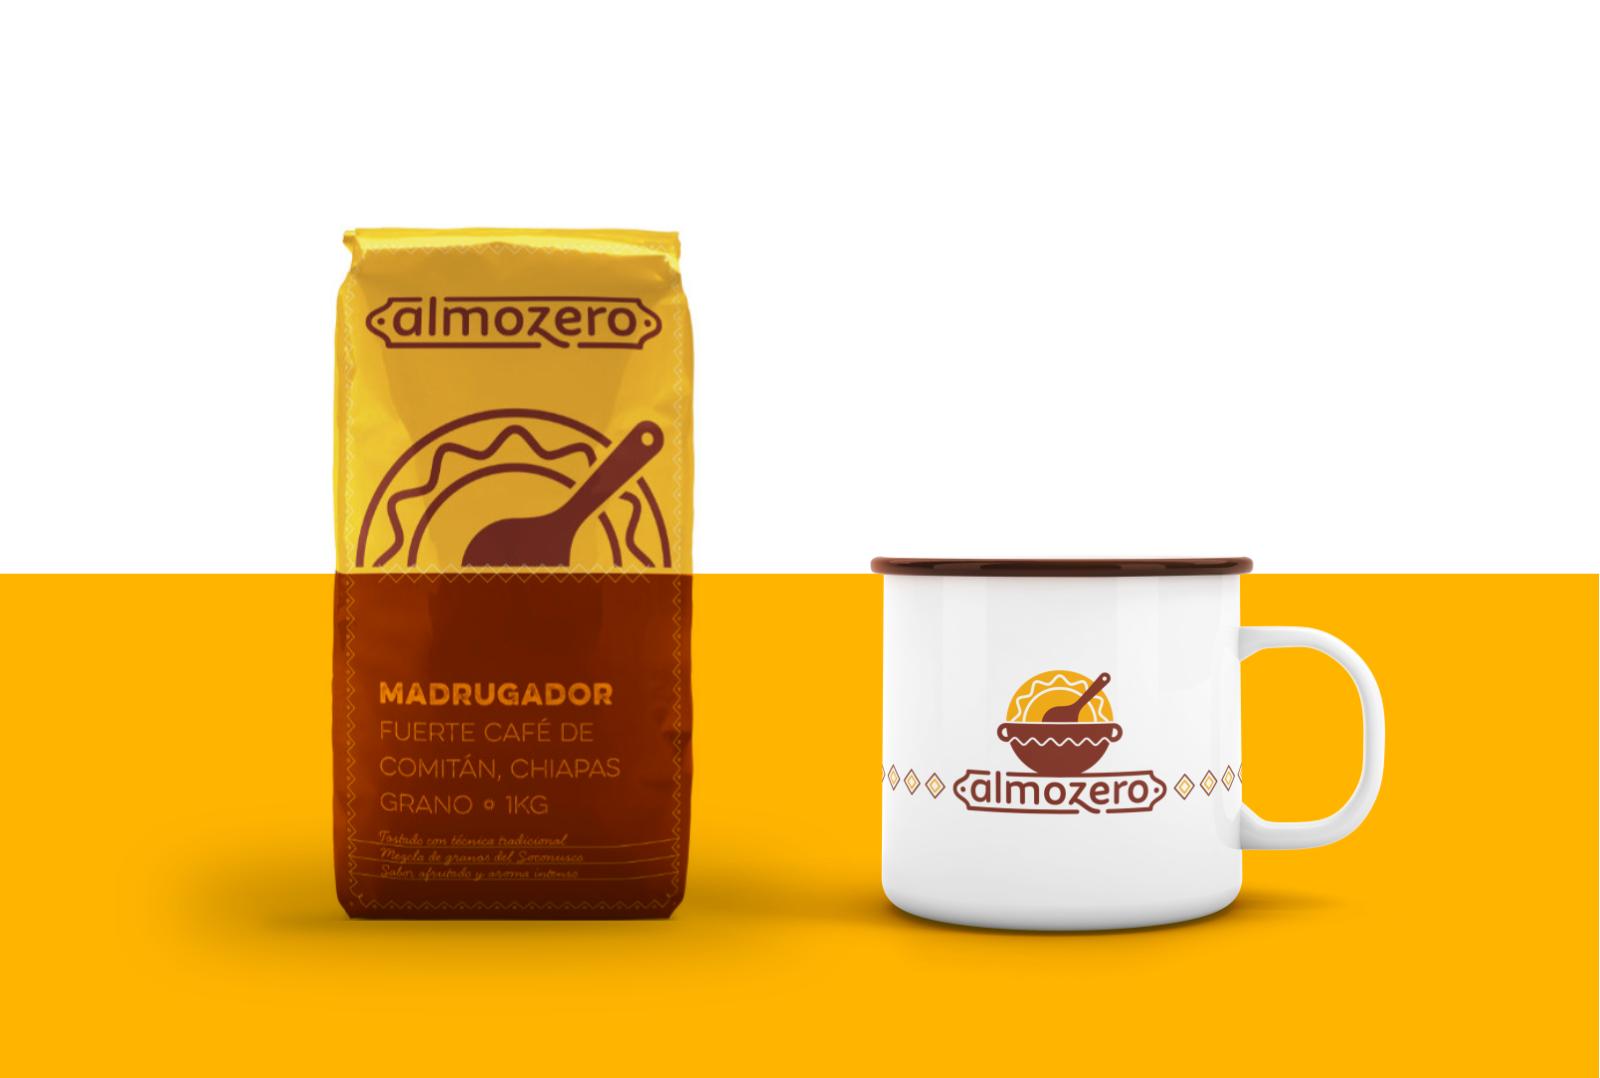 Sobre de café y taza de peltre con logo de almozero